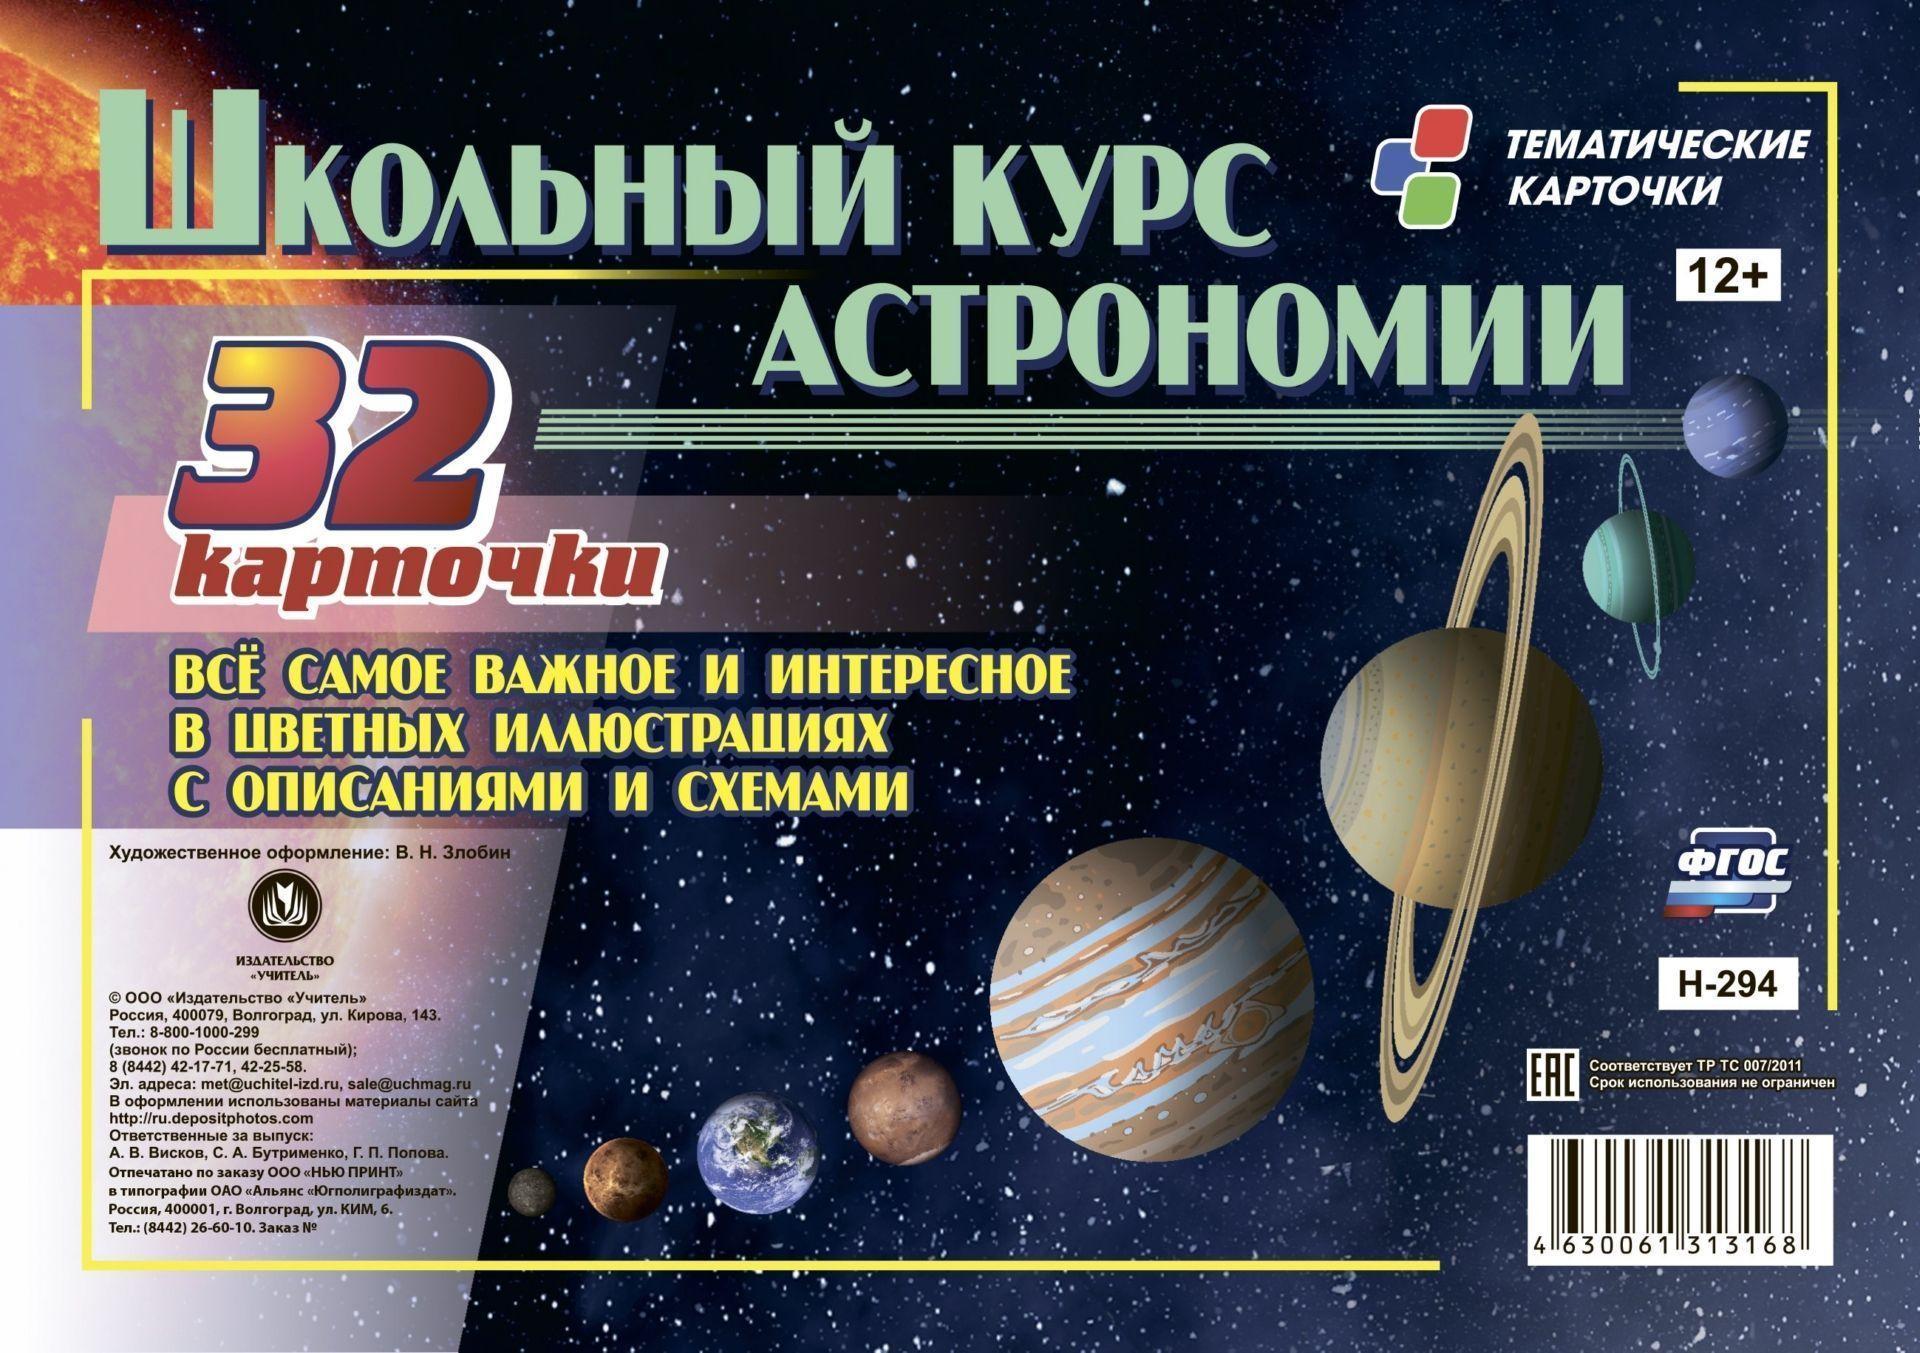 Фото #1: Школьный курс астрономии: все самое важное и интересное в цветных иллюстрациях с описанием и схемами